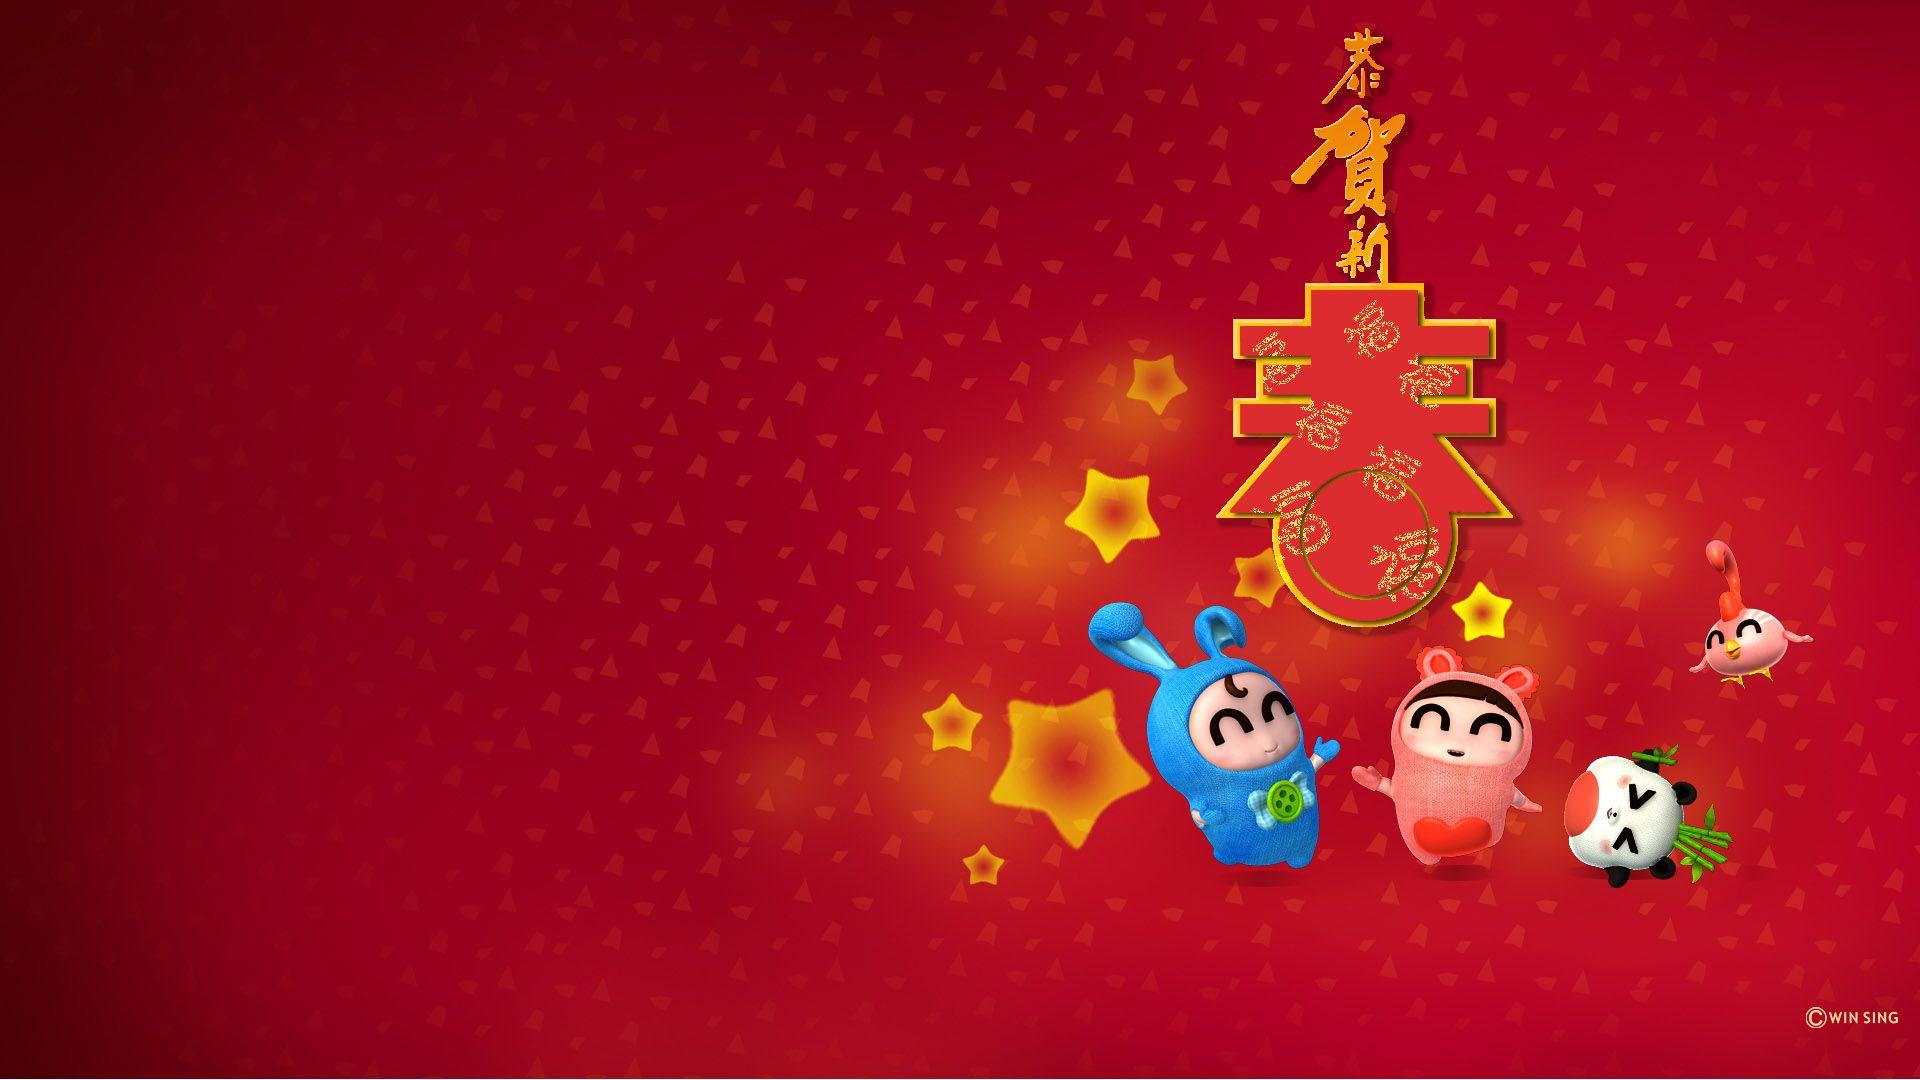 fond dcran nouvel an chinois 1920x1080